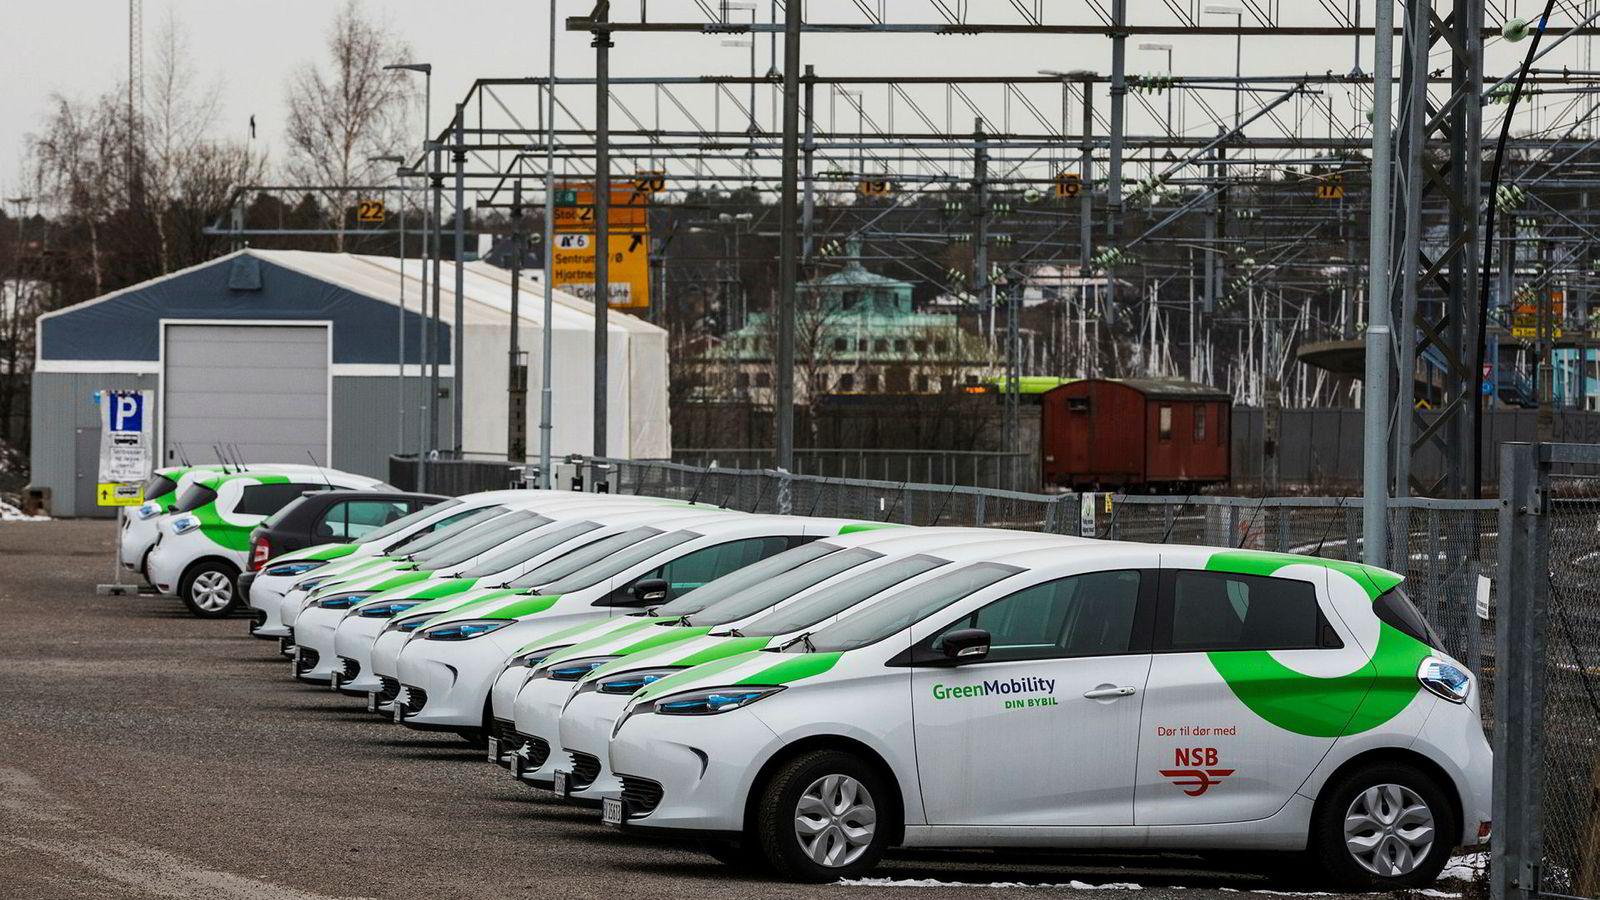 Her står 12 av NSB Bybils 250 biler parkert på Filipstad i Oslo. De avventer tekniske utbedringer og er inntil videre ikke mulig å bestille i appen.